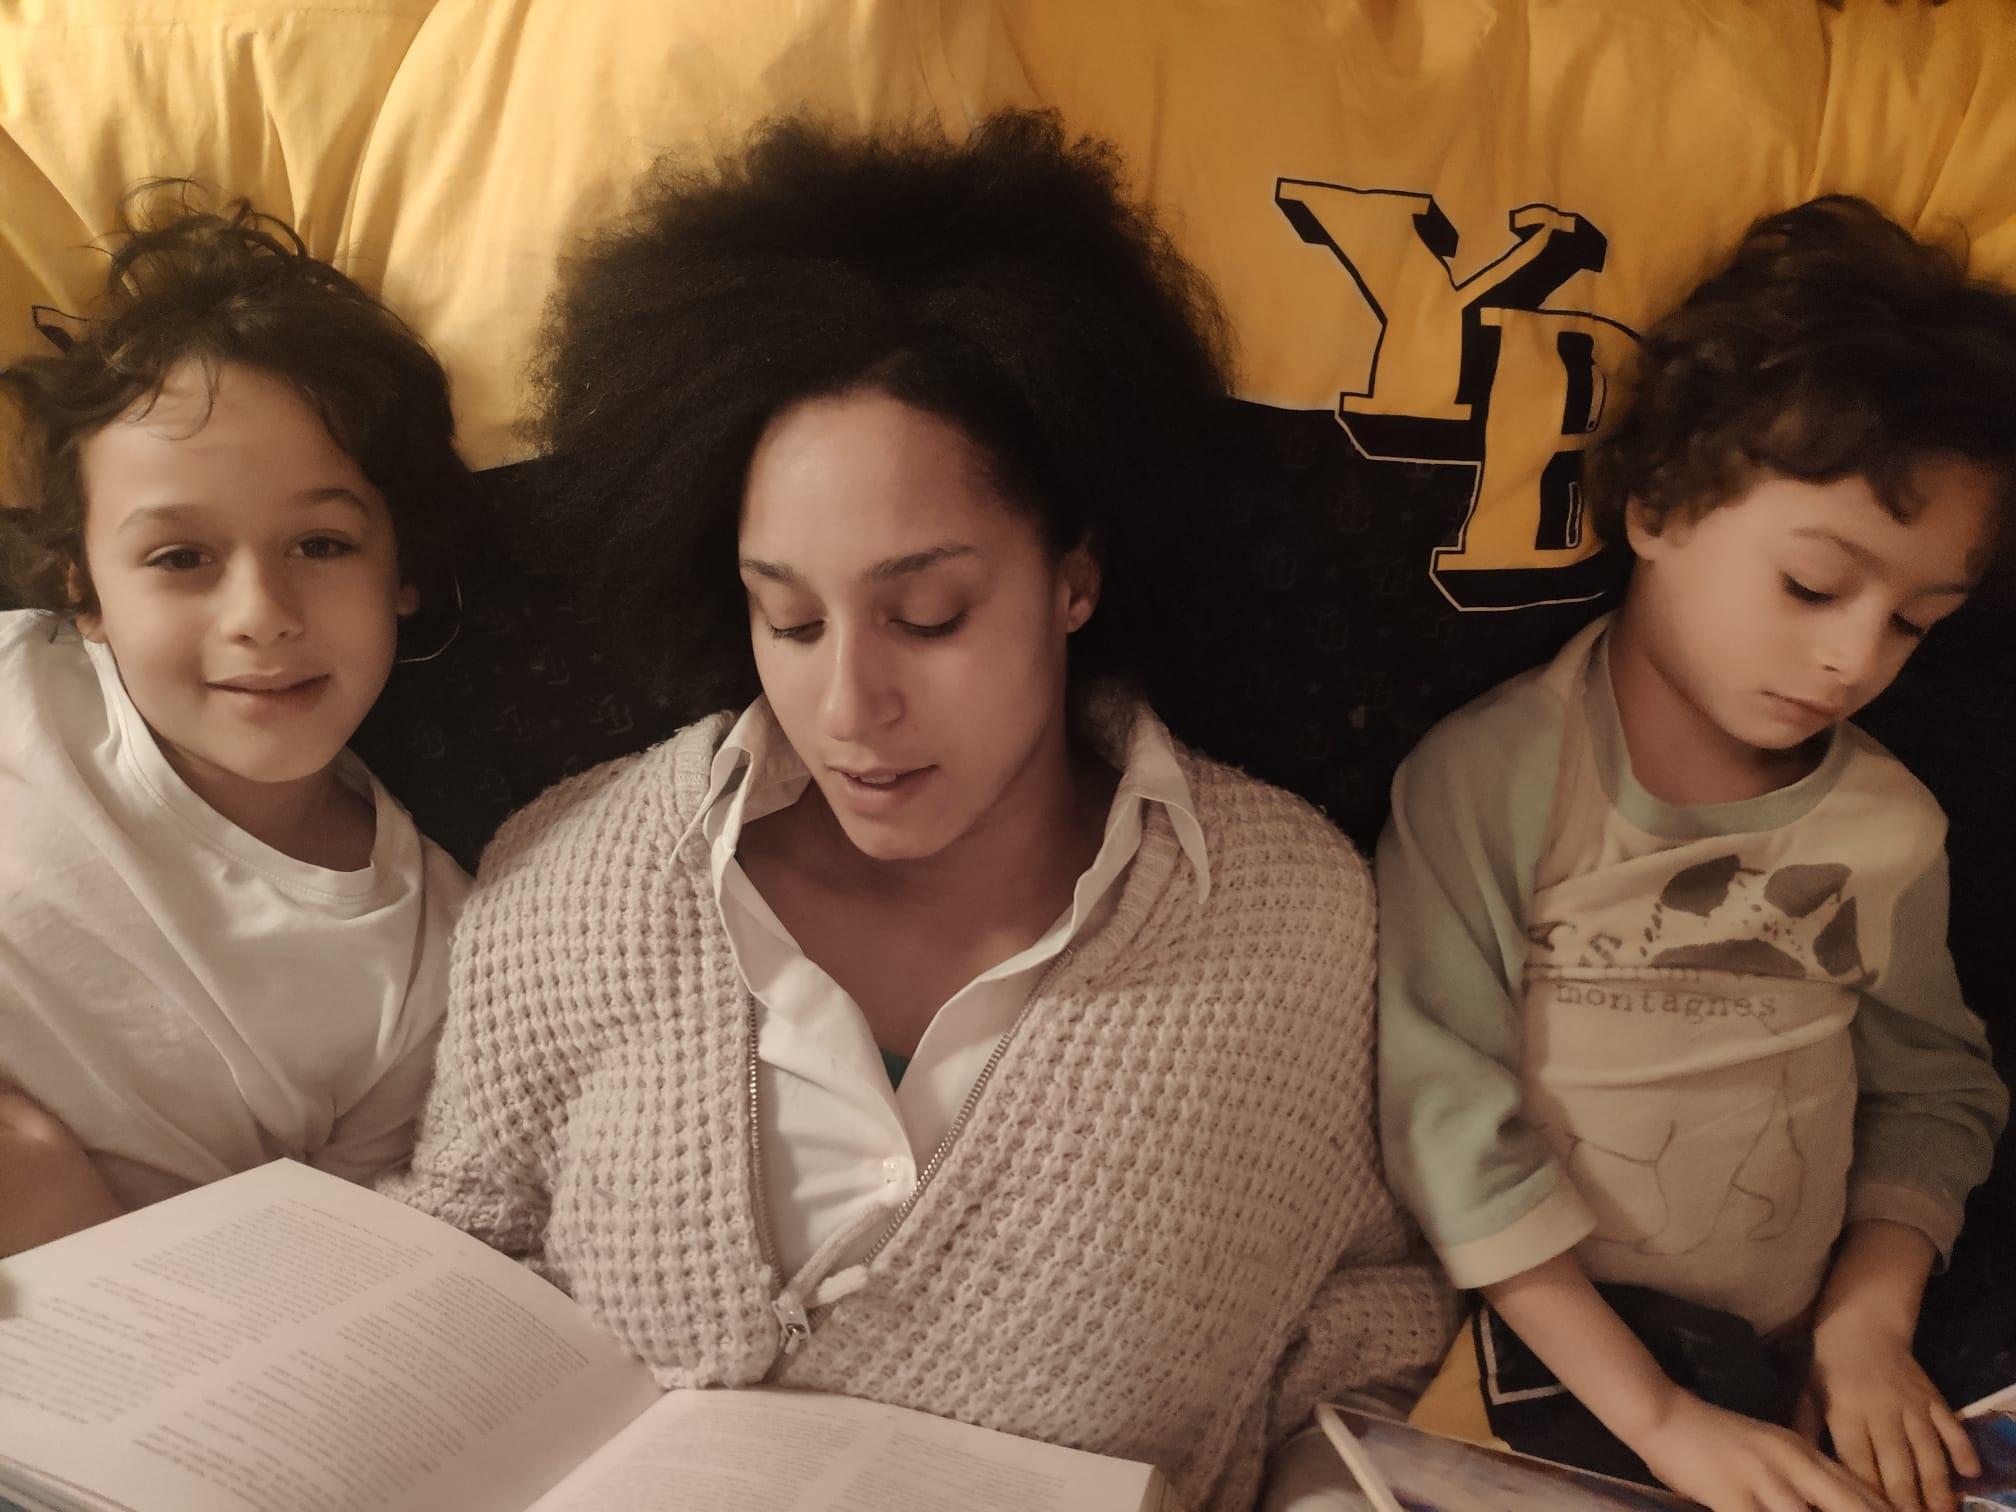 Marianne mit ihren beiden Söhnen